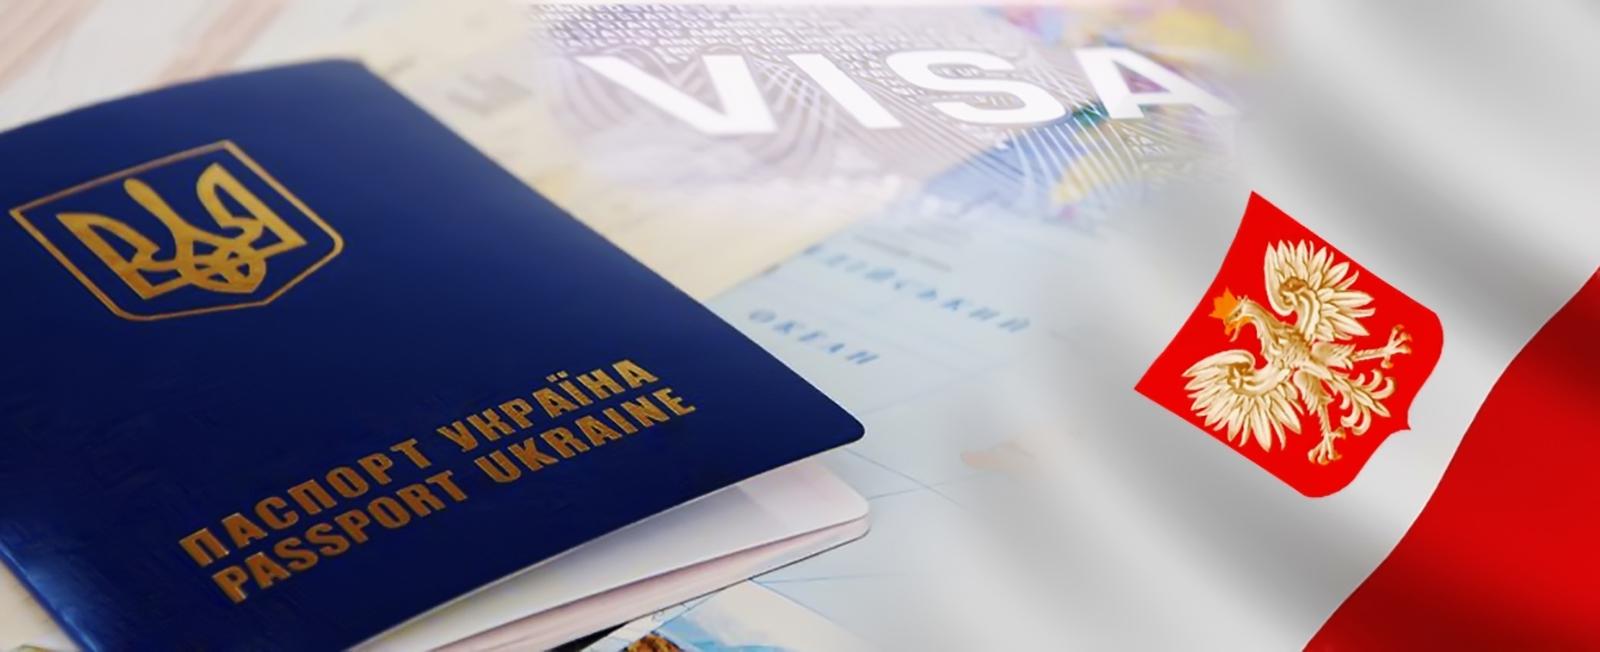 Топ-3 вакансии за границей, которые становятся популярными среди киевлян в 2018 году